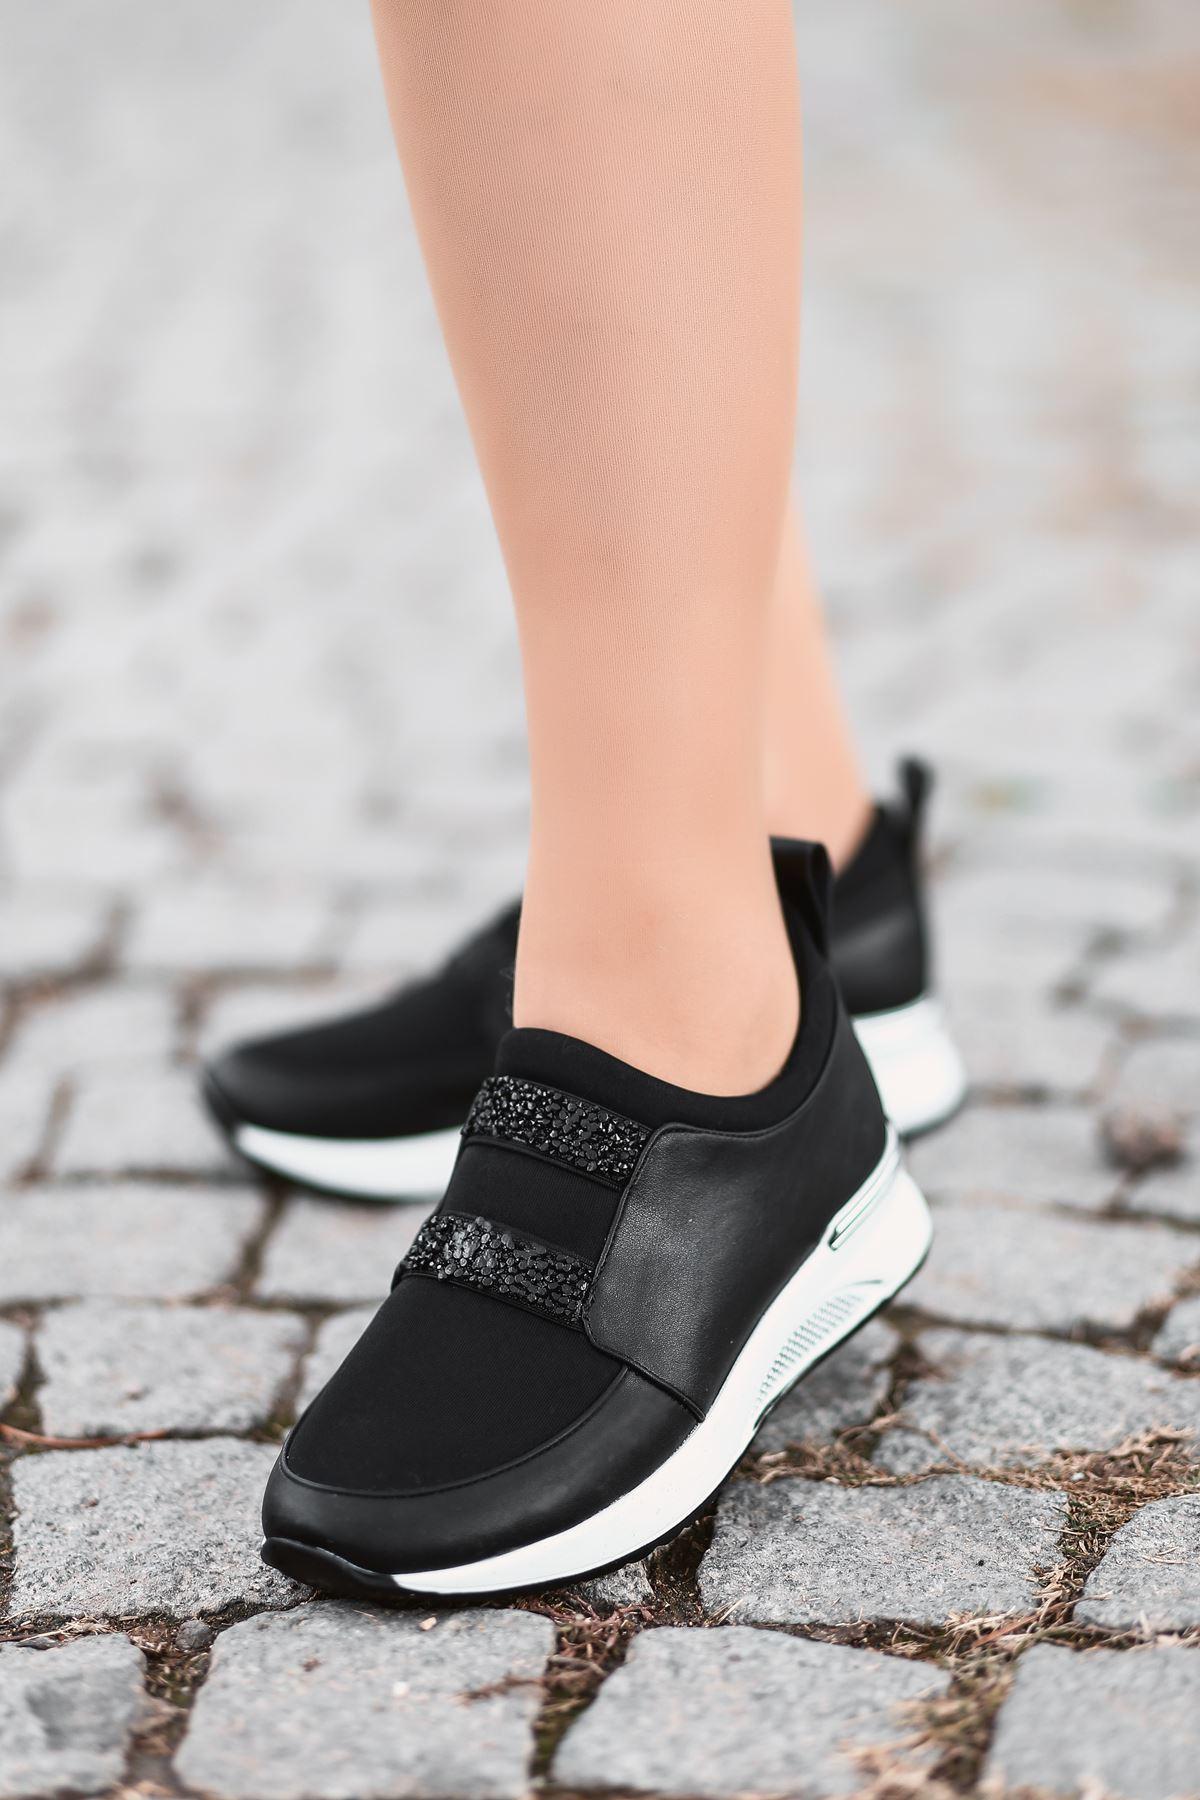 Oliver Taş Detaylı Siyah Kadın Spor Ayakkabı Beyaz Taban